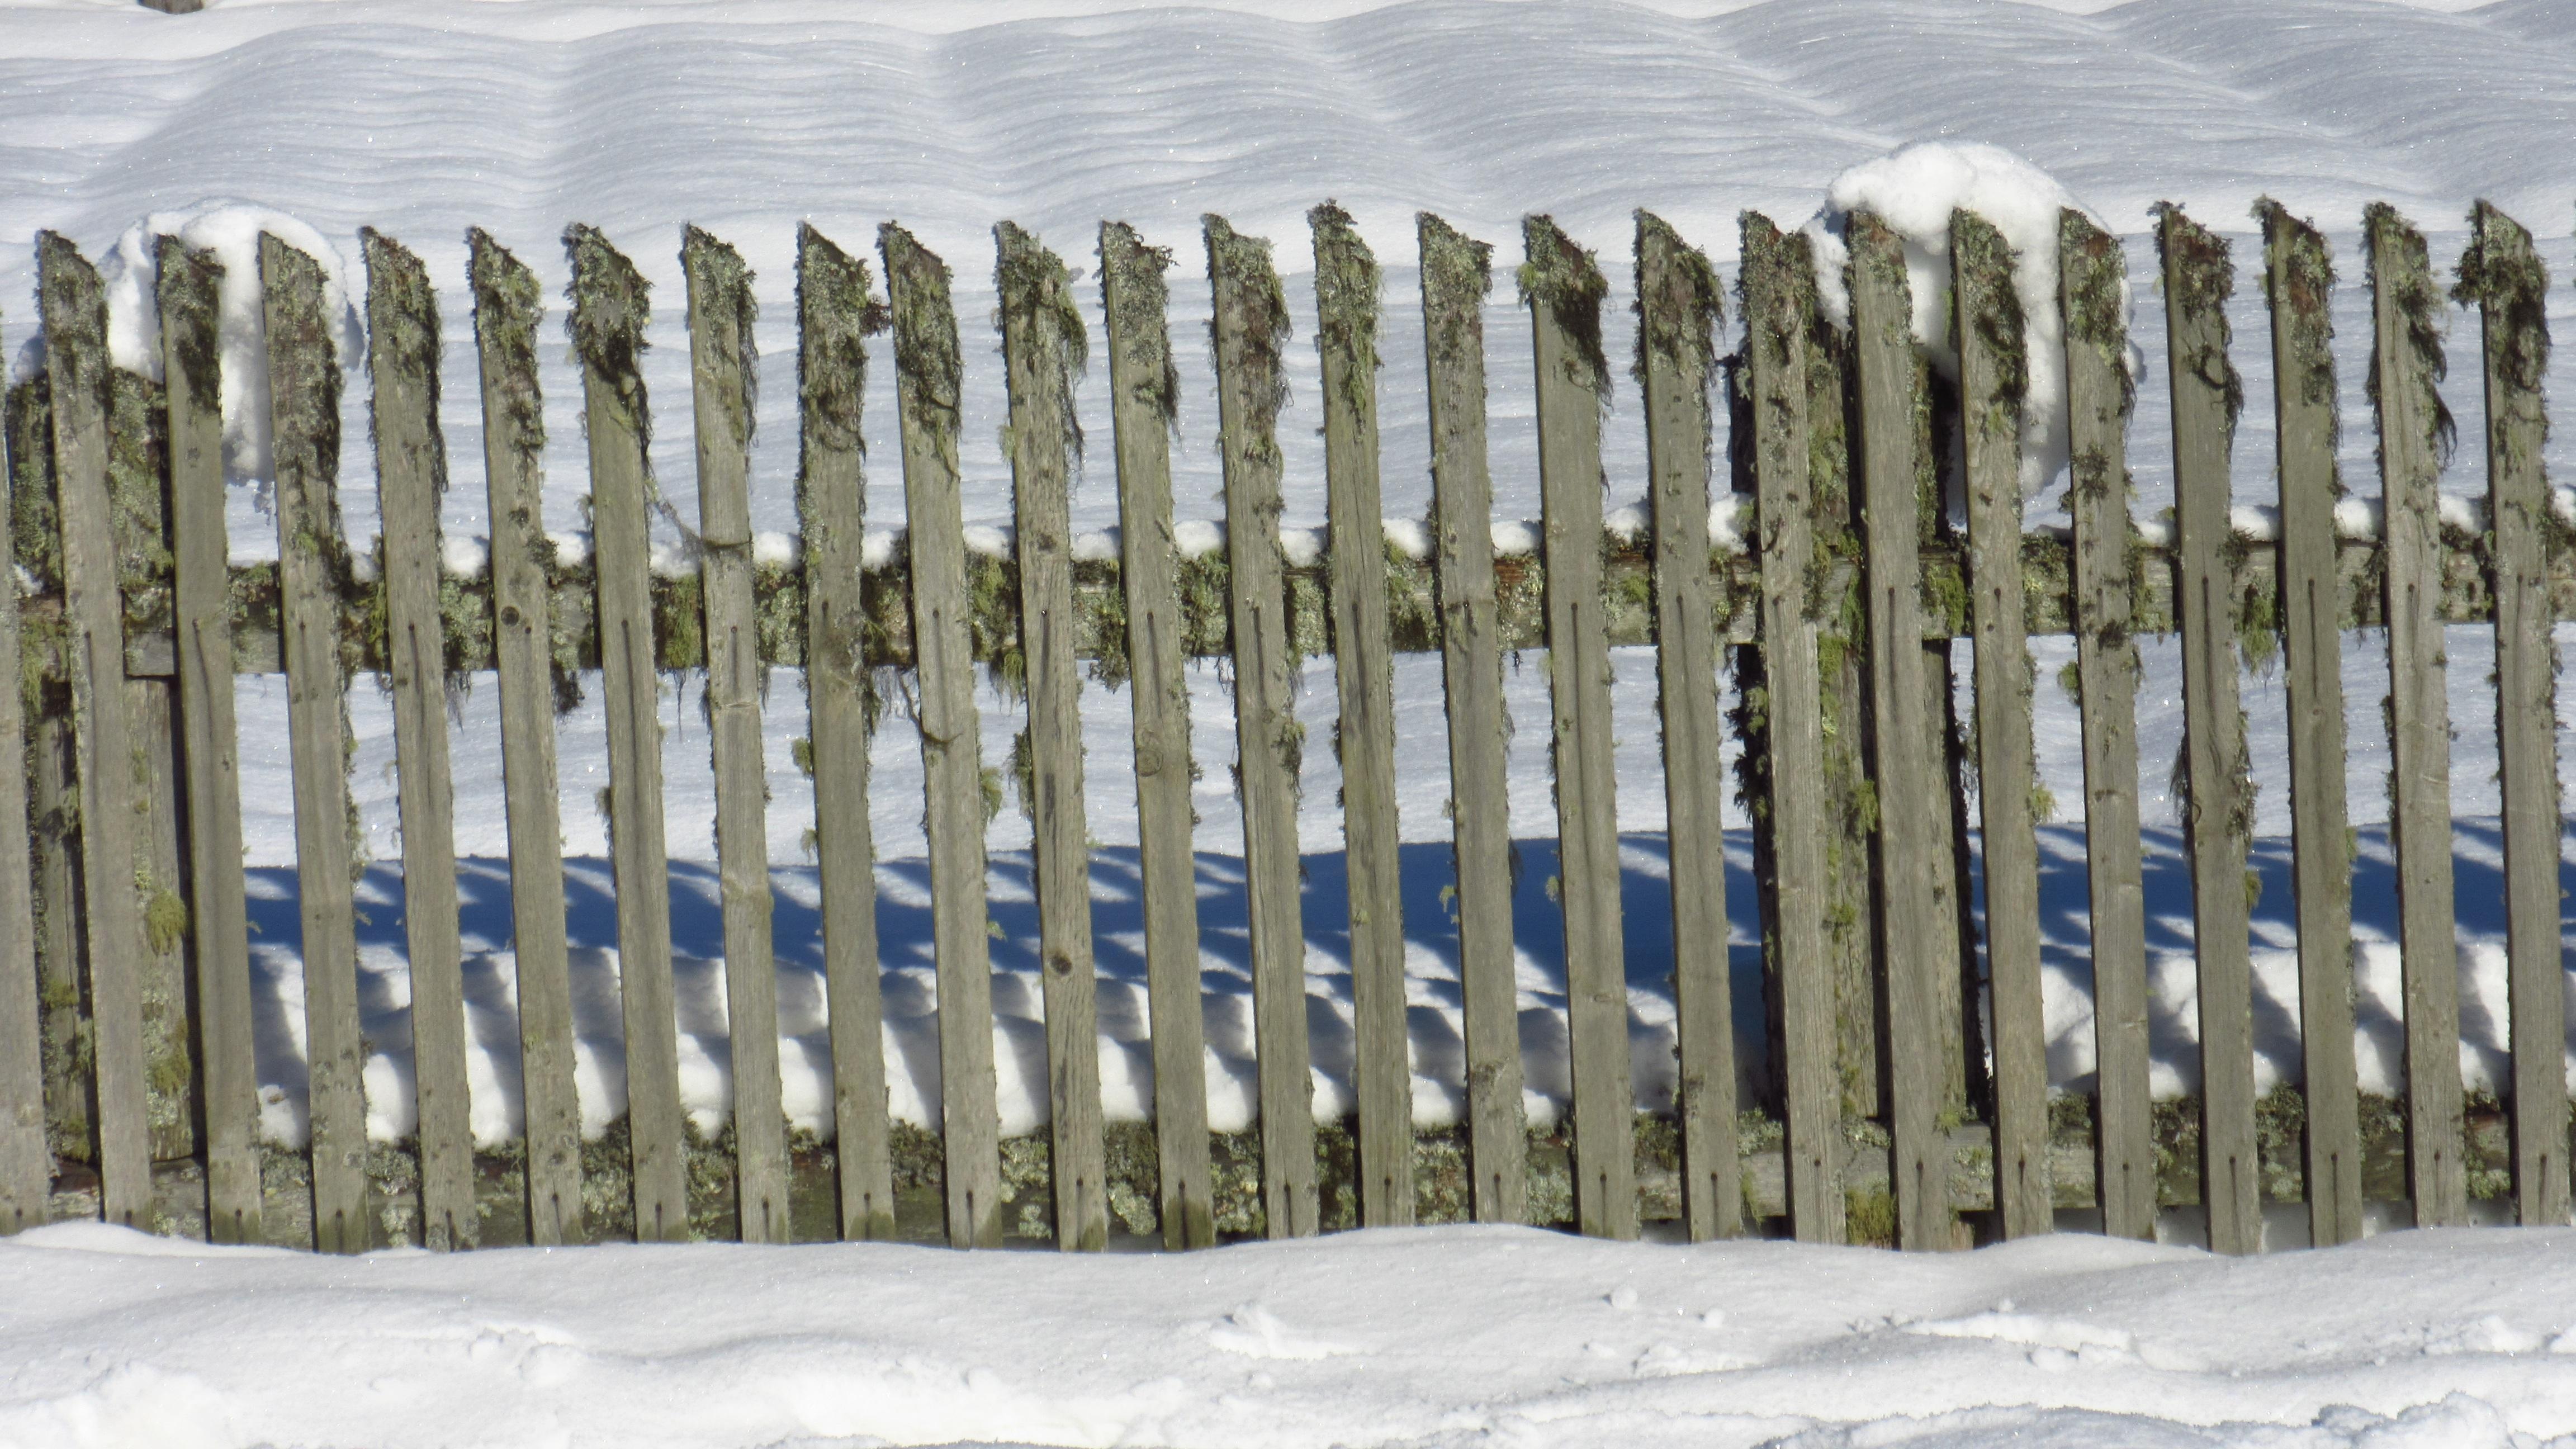 Kostenlose foto : Schnee, Zaun, Mauer, Möbel, Lattenzaun ...